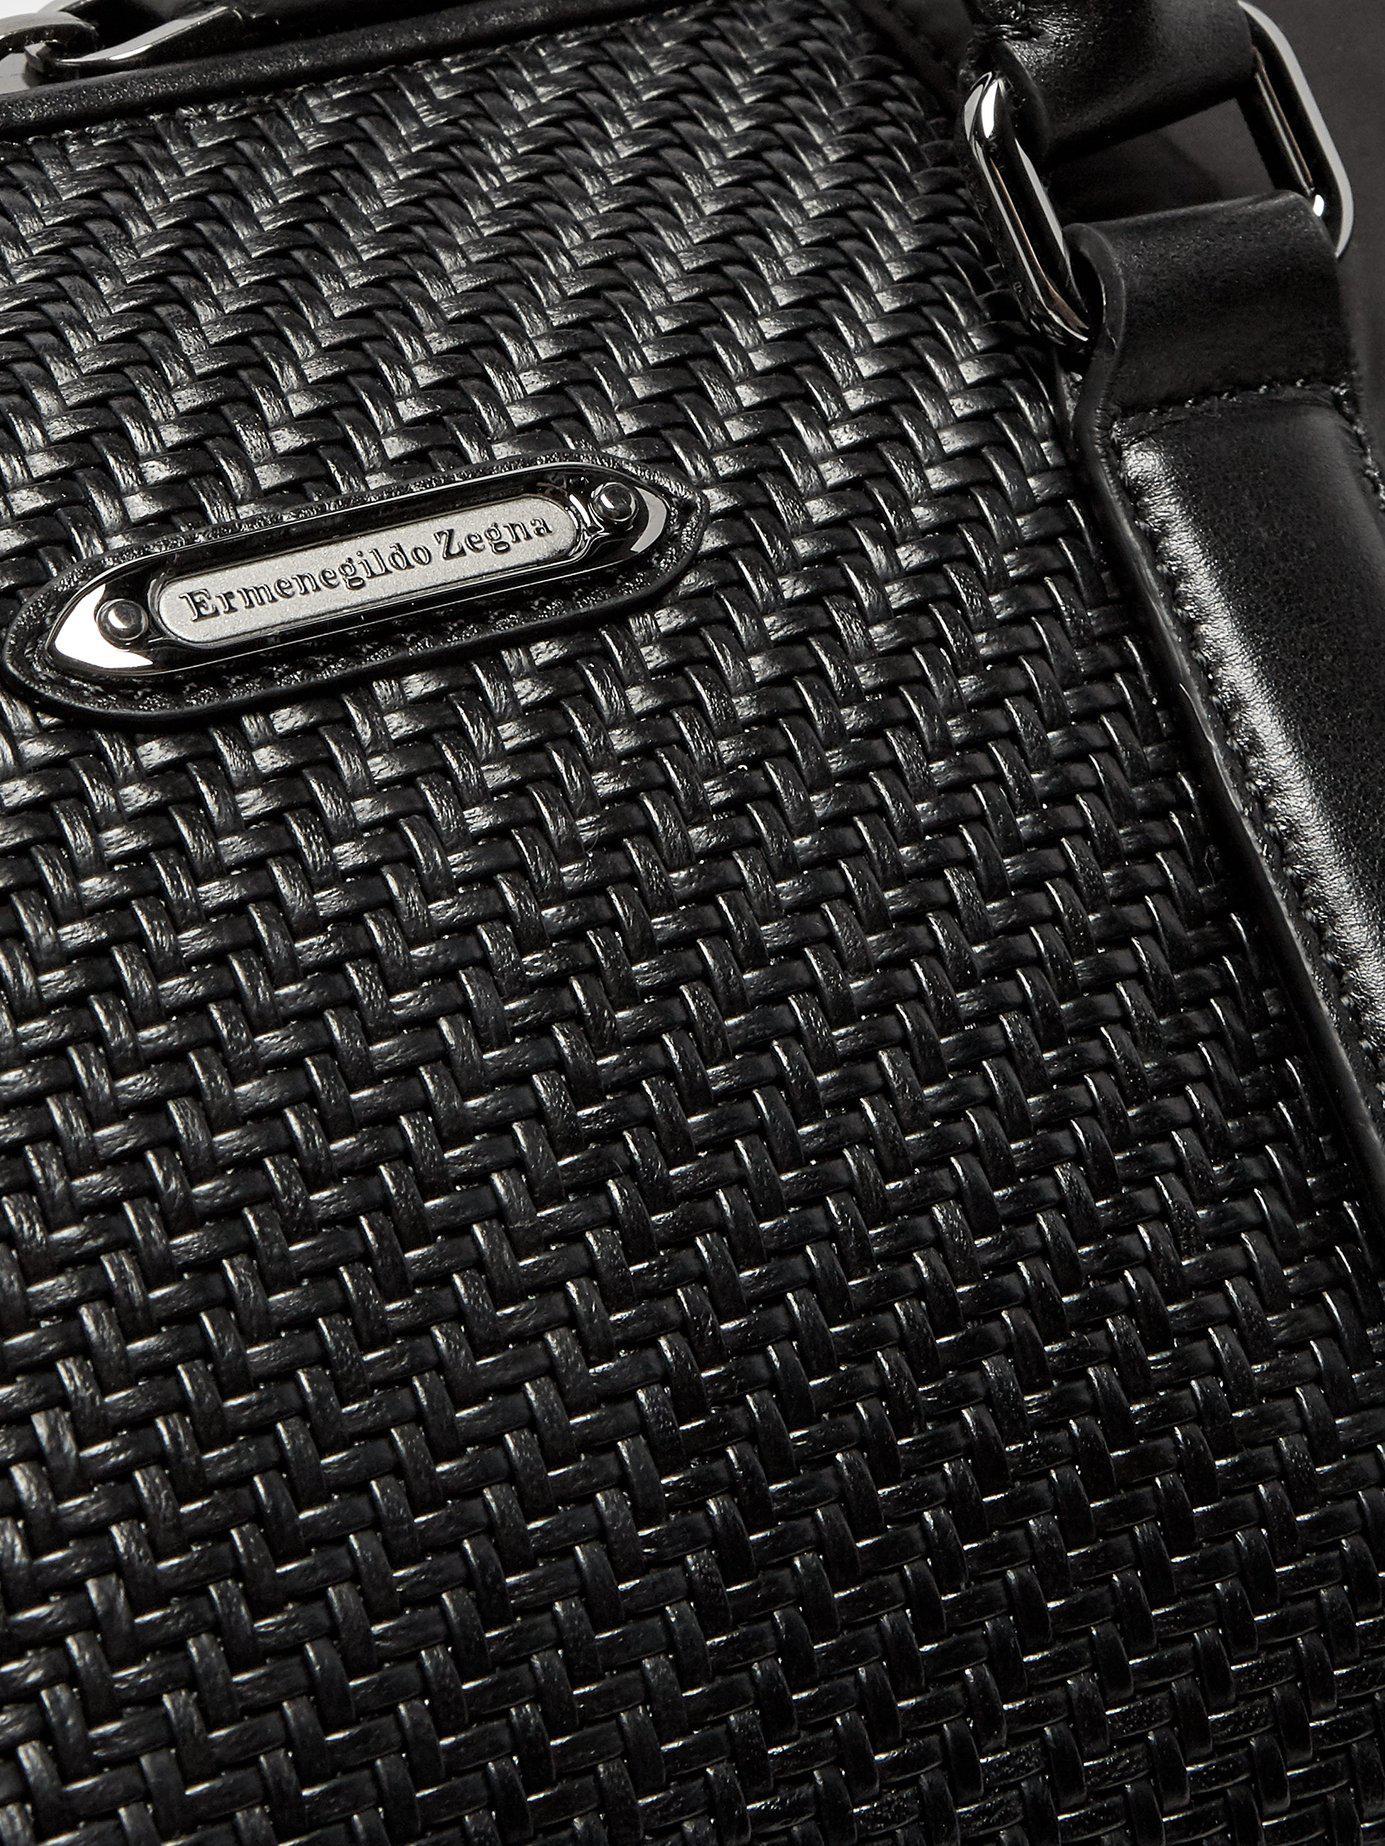 3d8f4ee177 Ermenegildo Zegna Pelle Tessuta Leather Holdall in Black for Men - Lyst